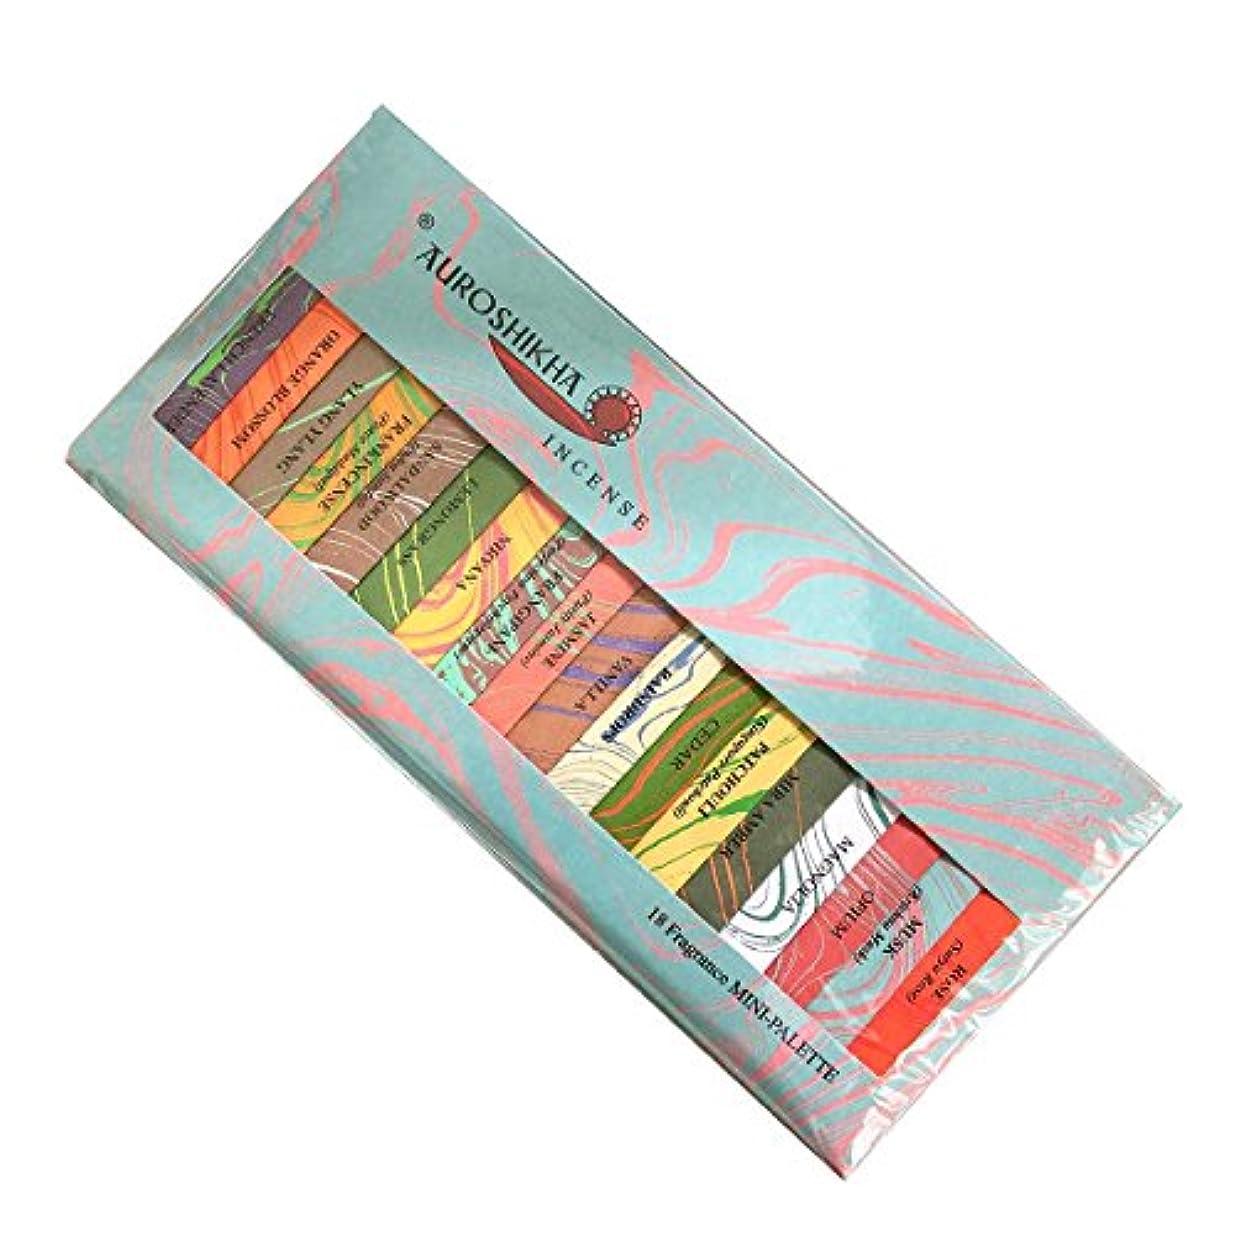 啓発するアレンジホールドオールauroshikha (オウロシカ) マーブルパッケージ ミニパレット18種類の香りアソート スティック !